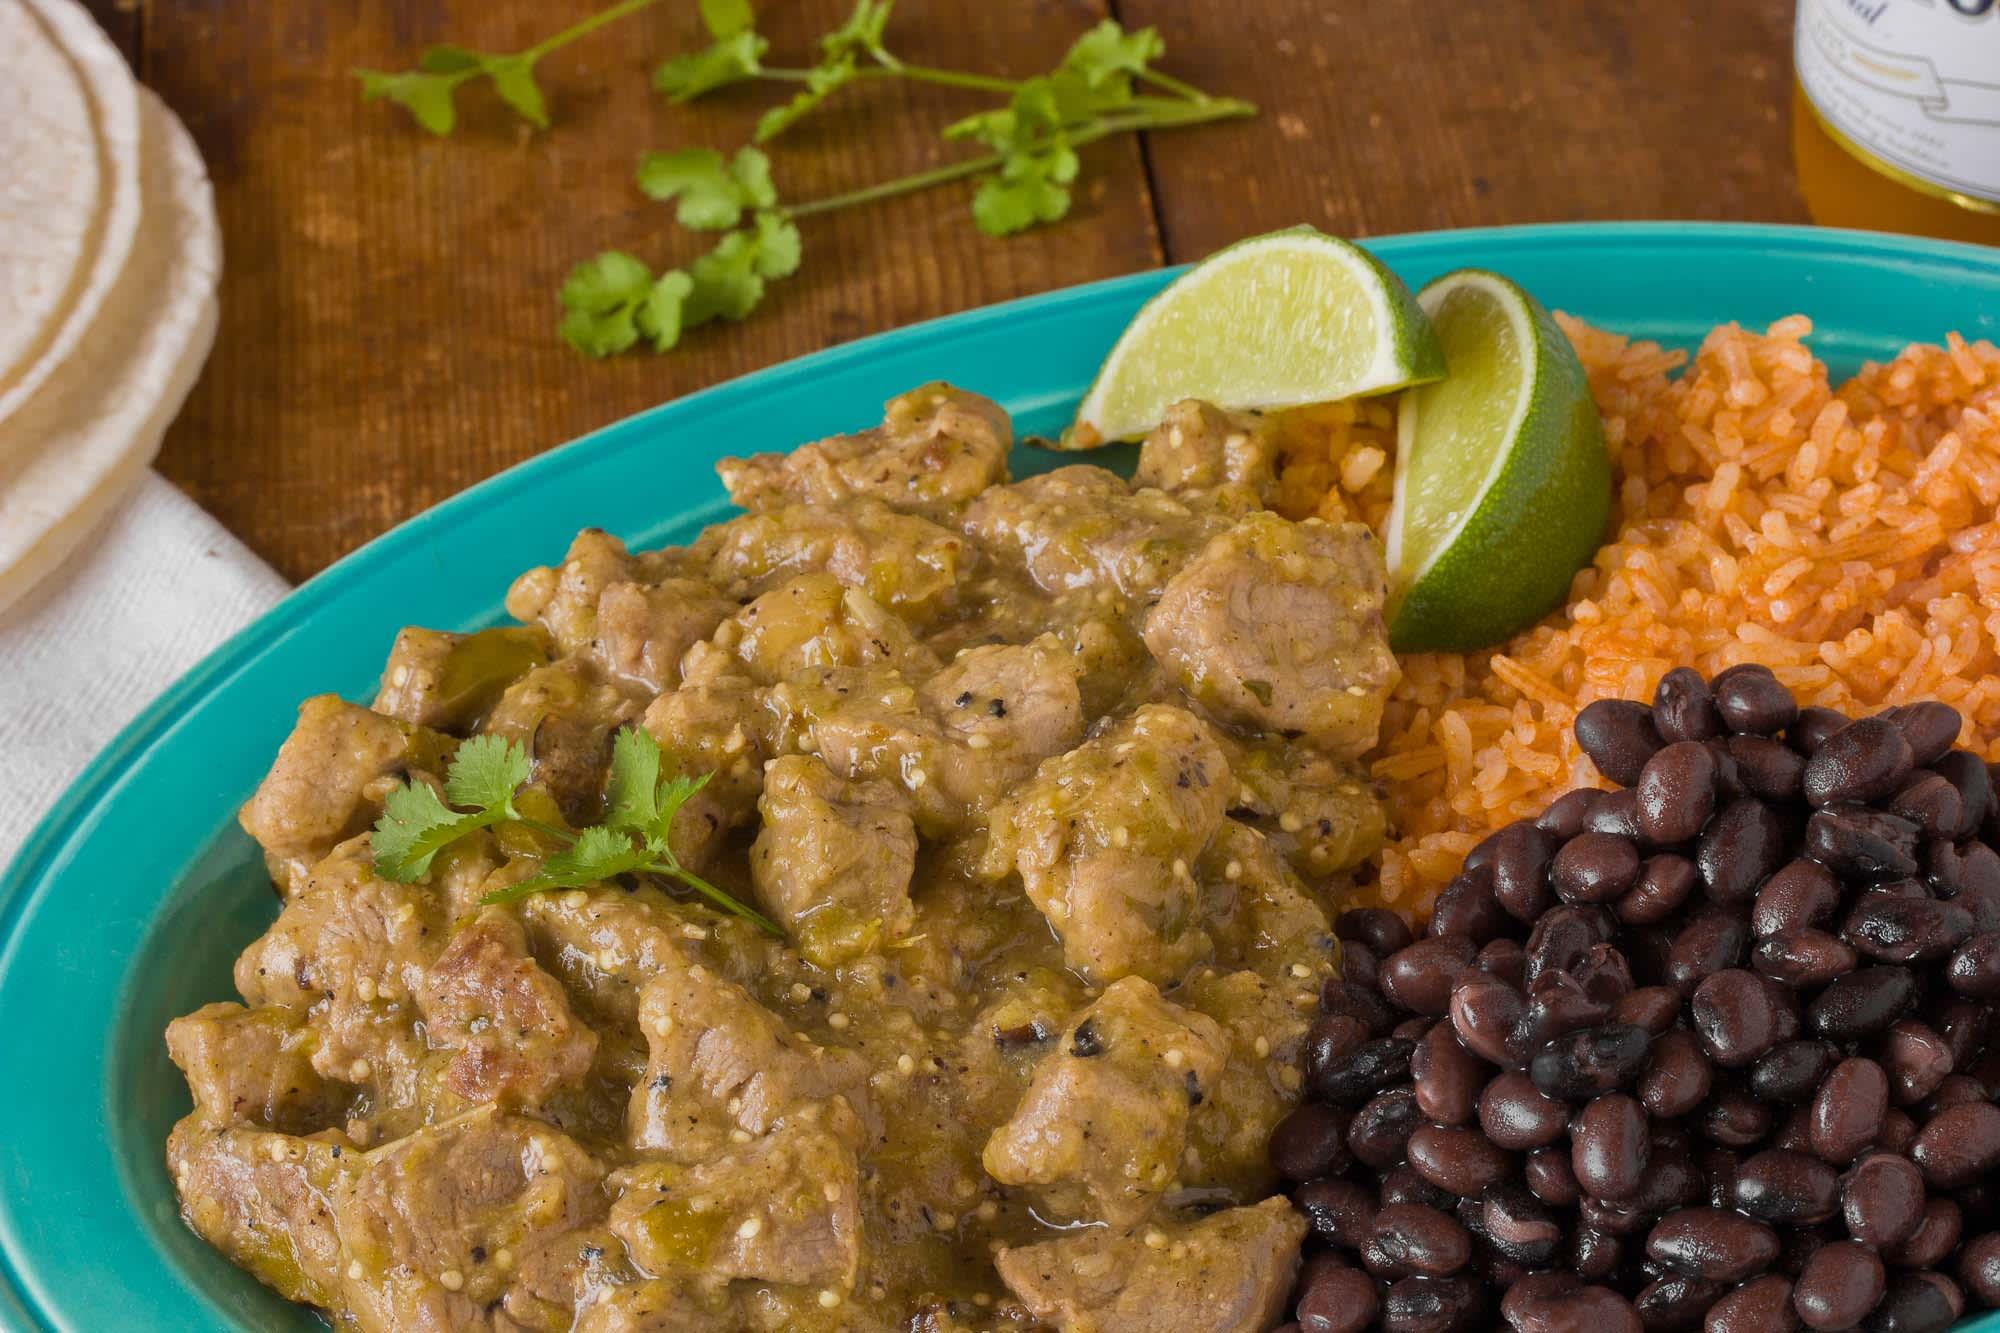 Recipe: Pork Tenderloin in Tomatillo Sauce